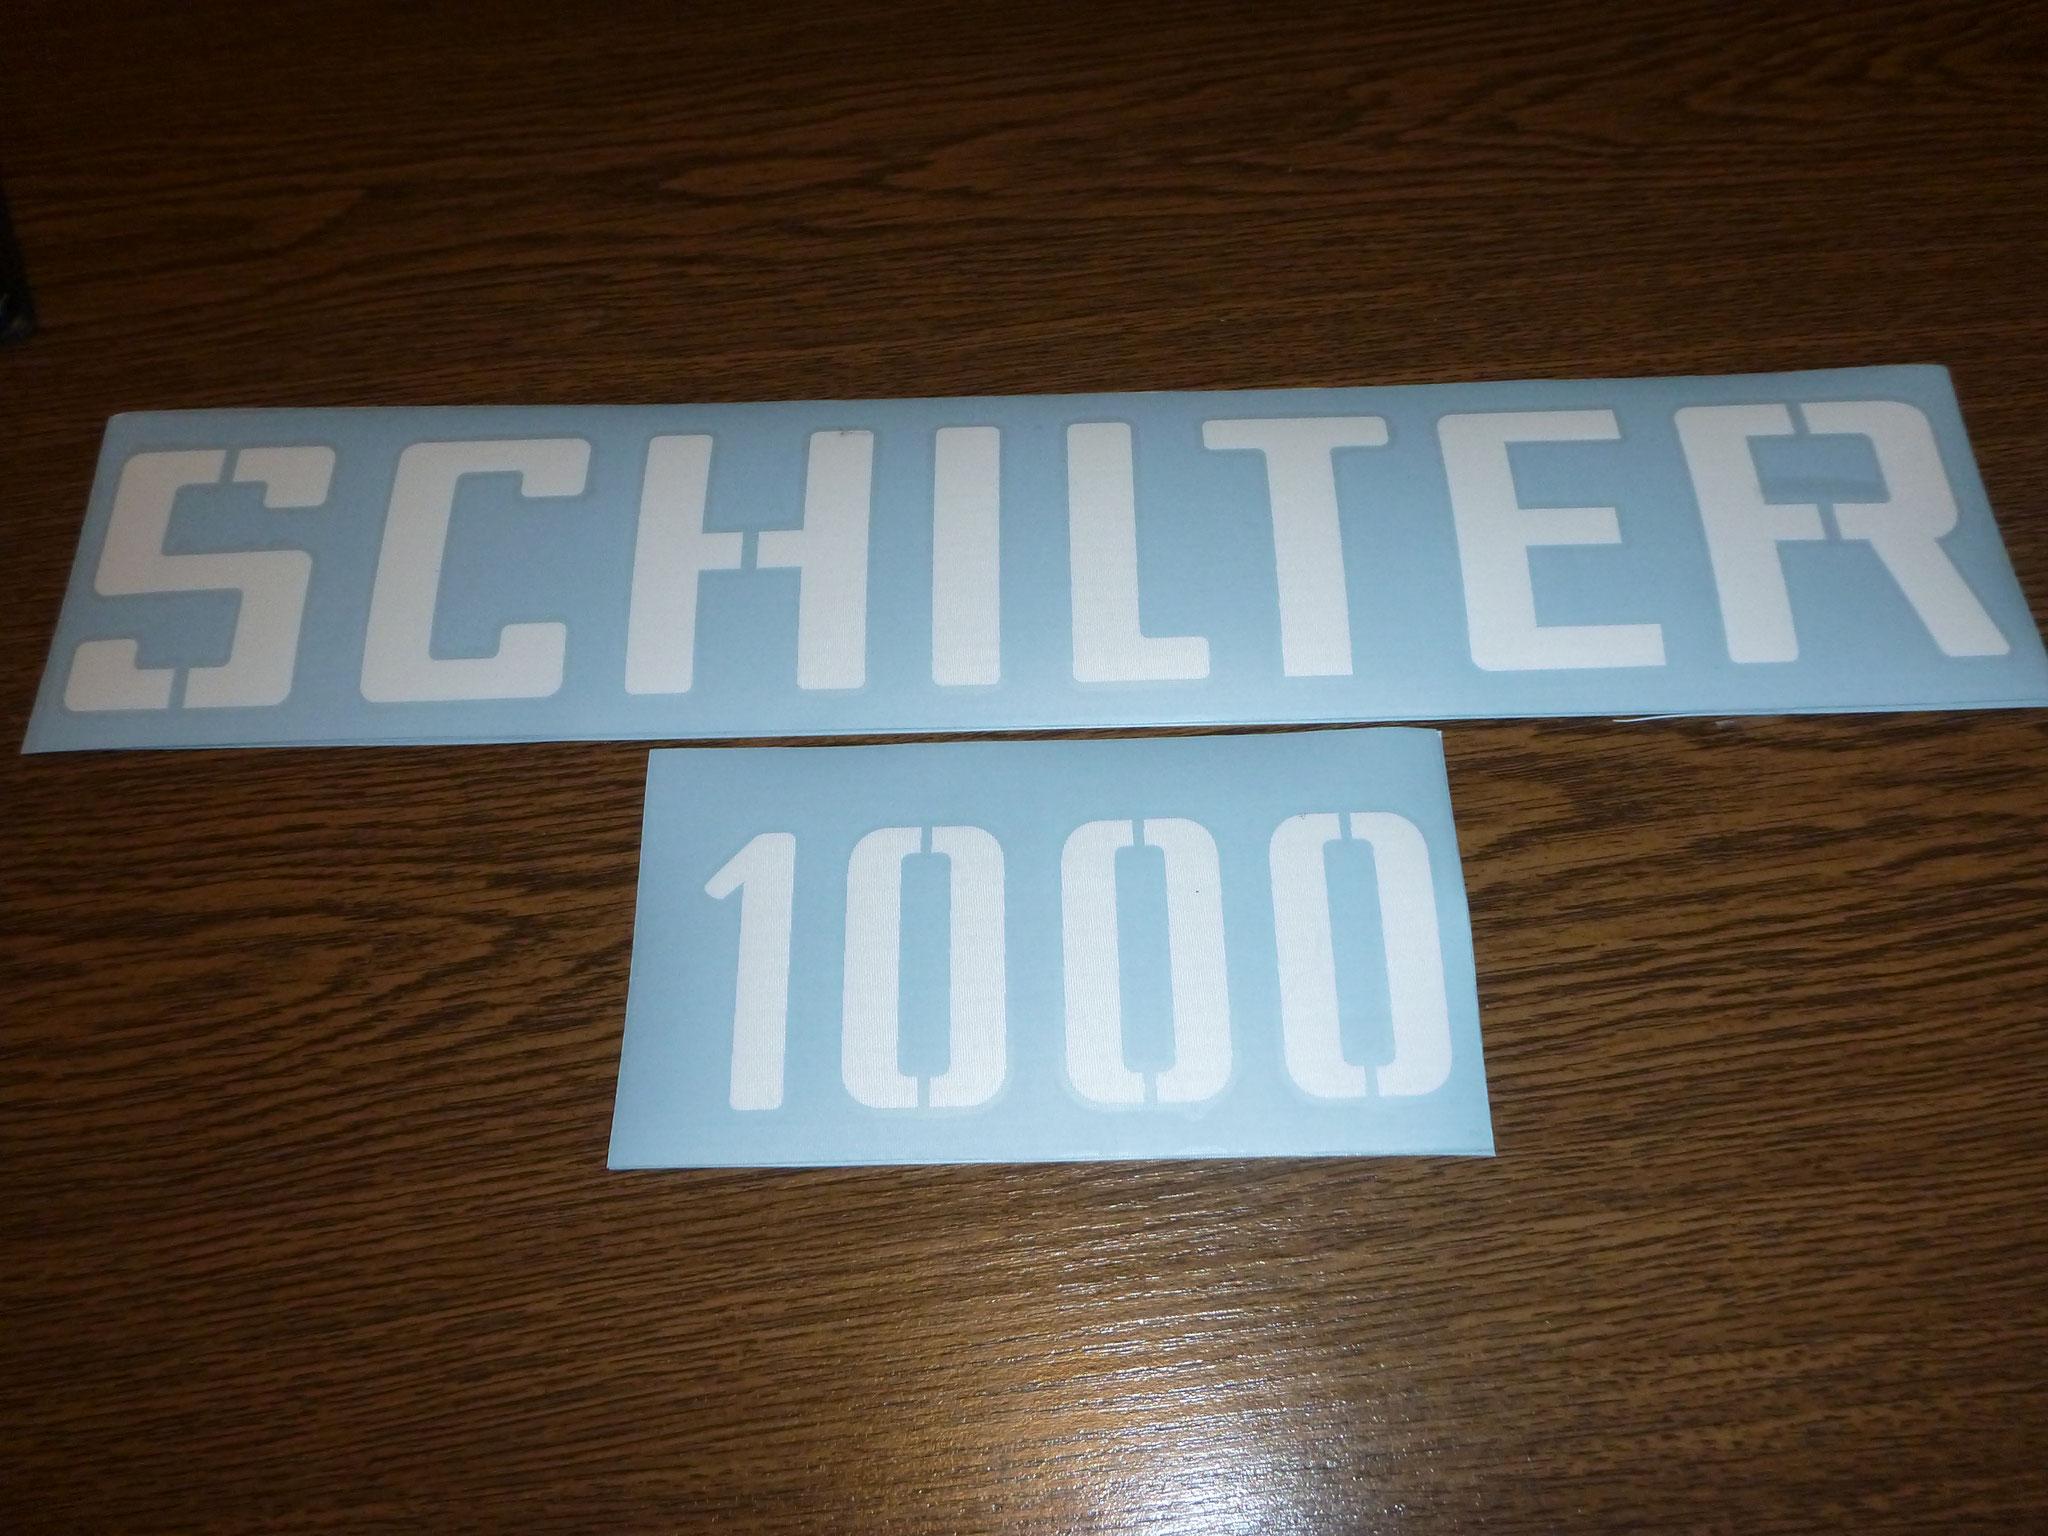 Schilter 1000 Kleber